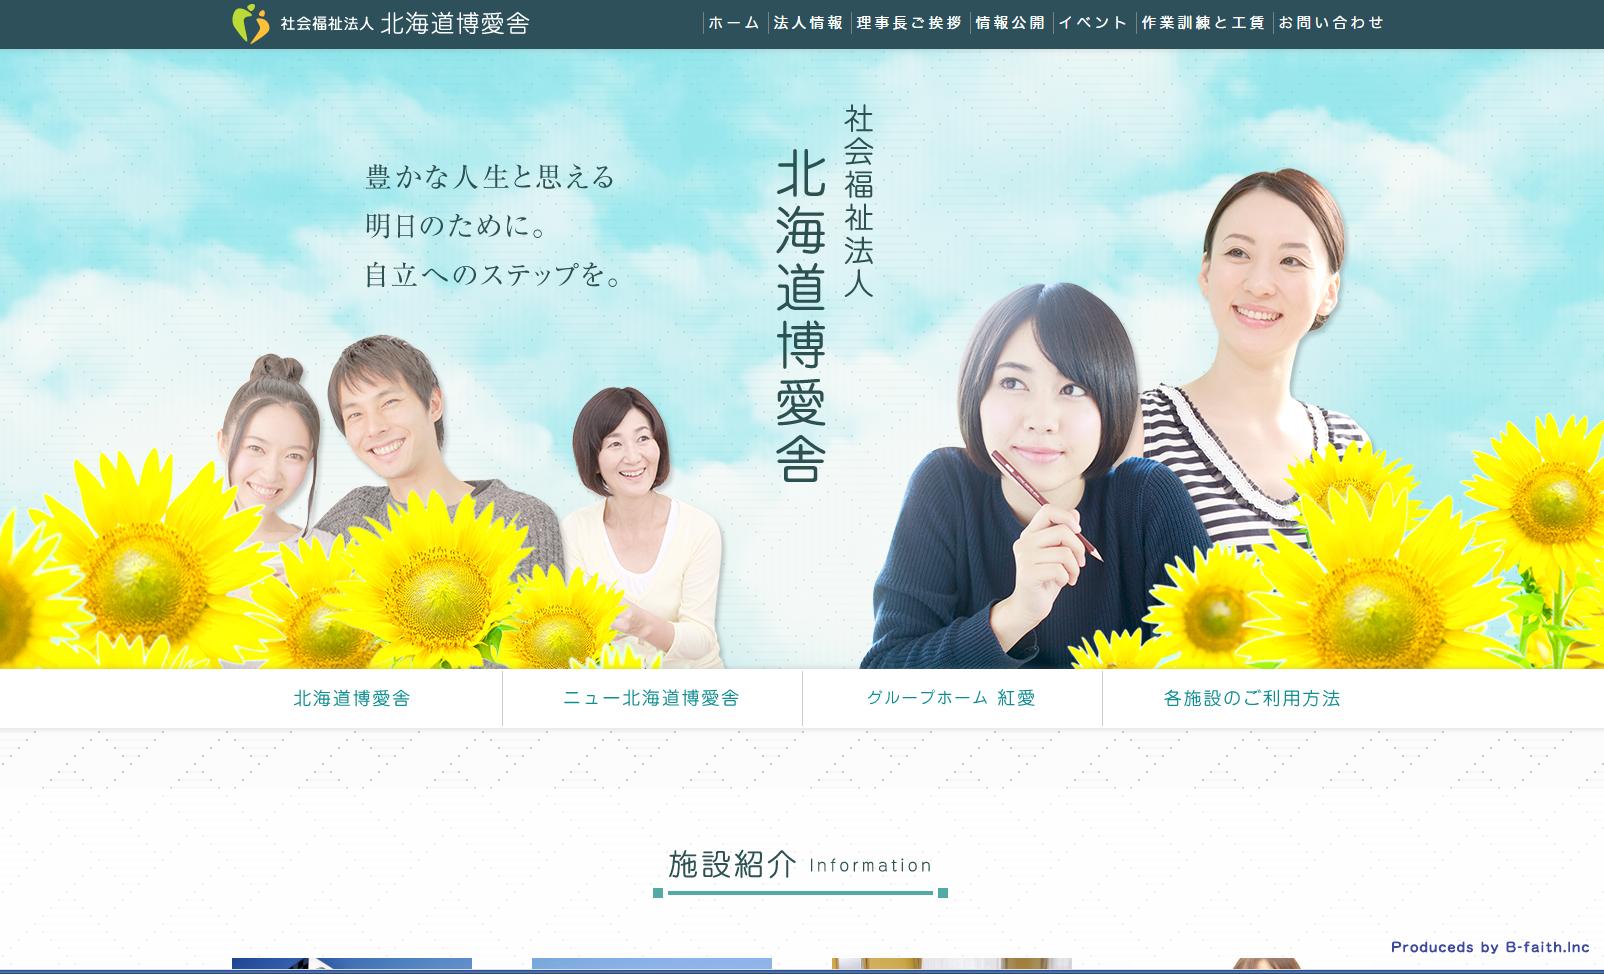 社会福祉法人 北海道博愛舎